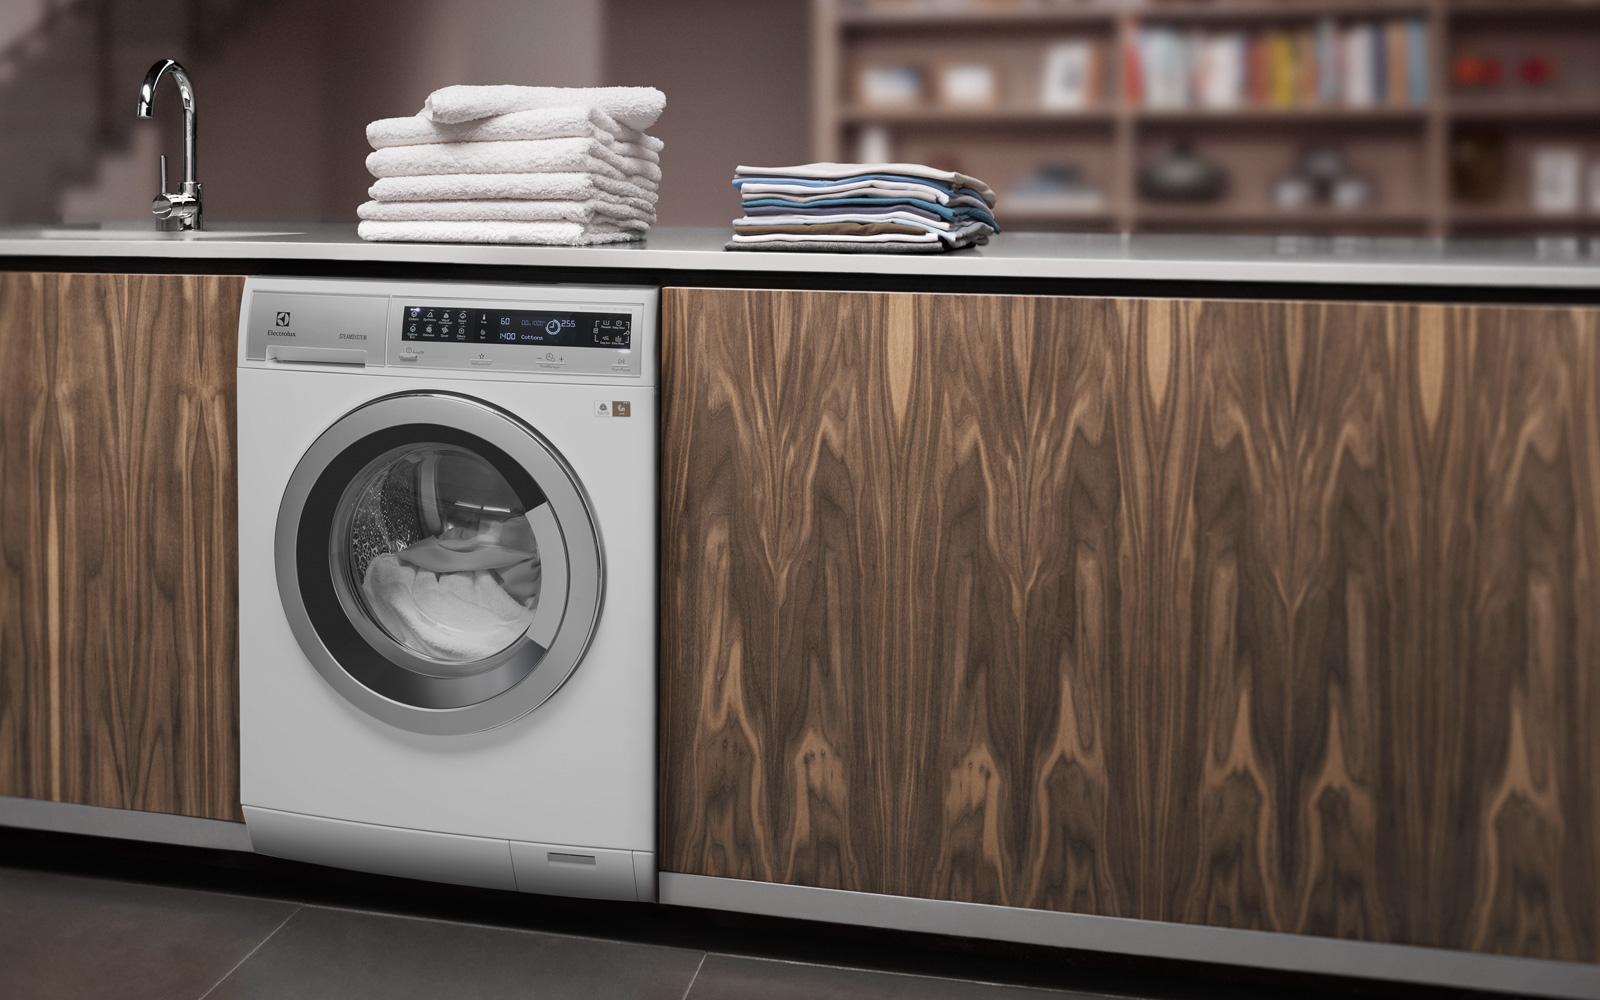 Разбираемся в брендах_стиральные машины - стиральная машина electrolux на кухне